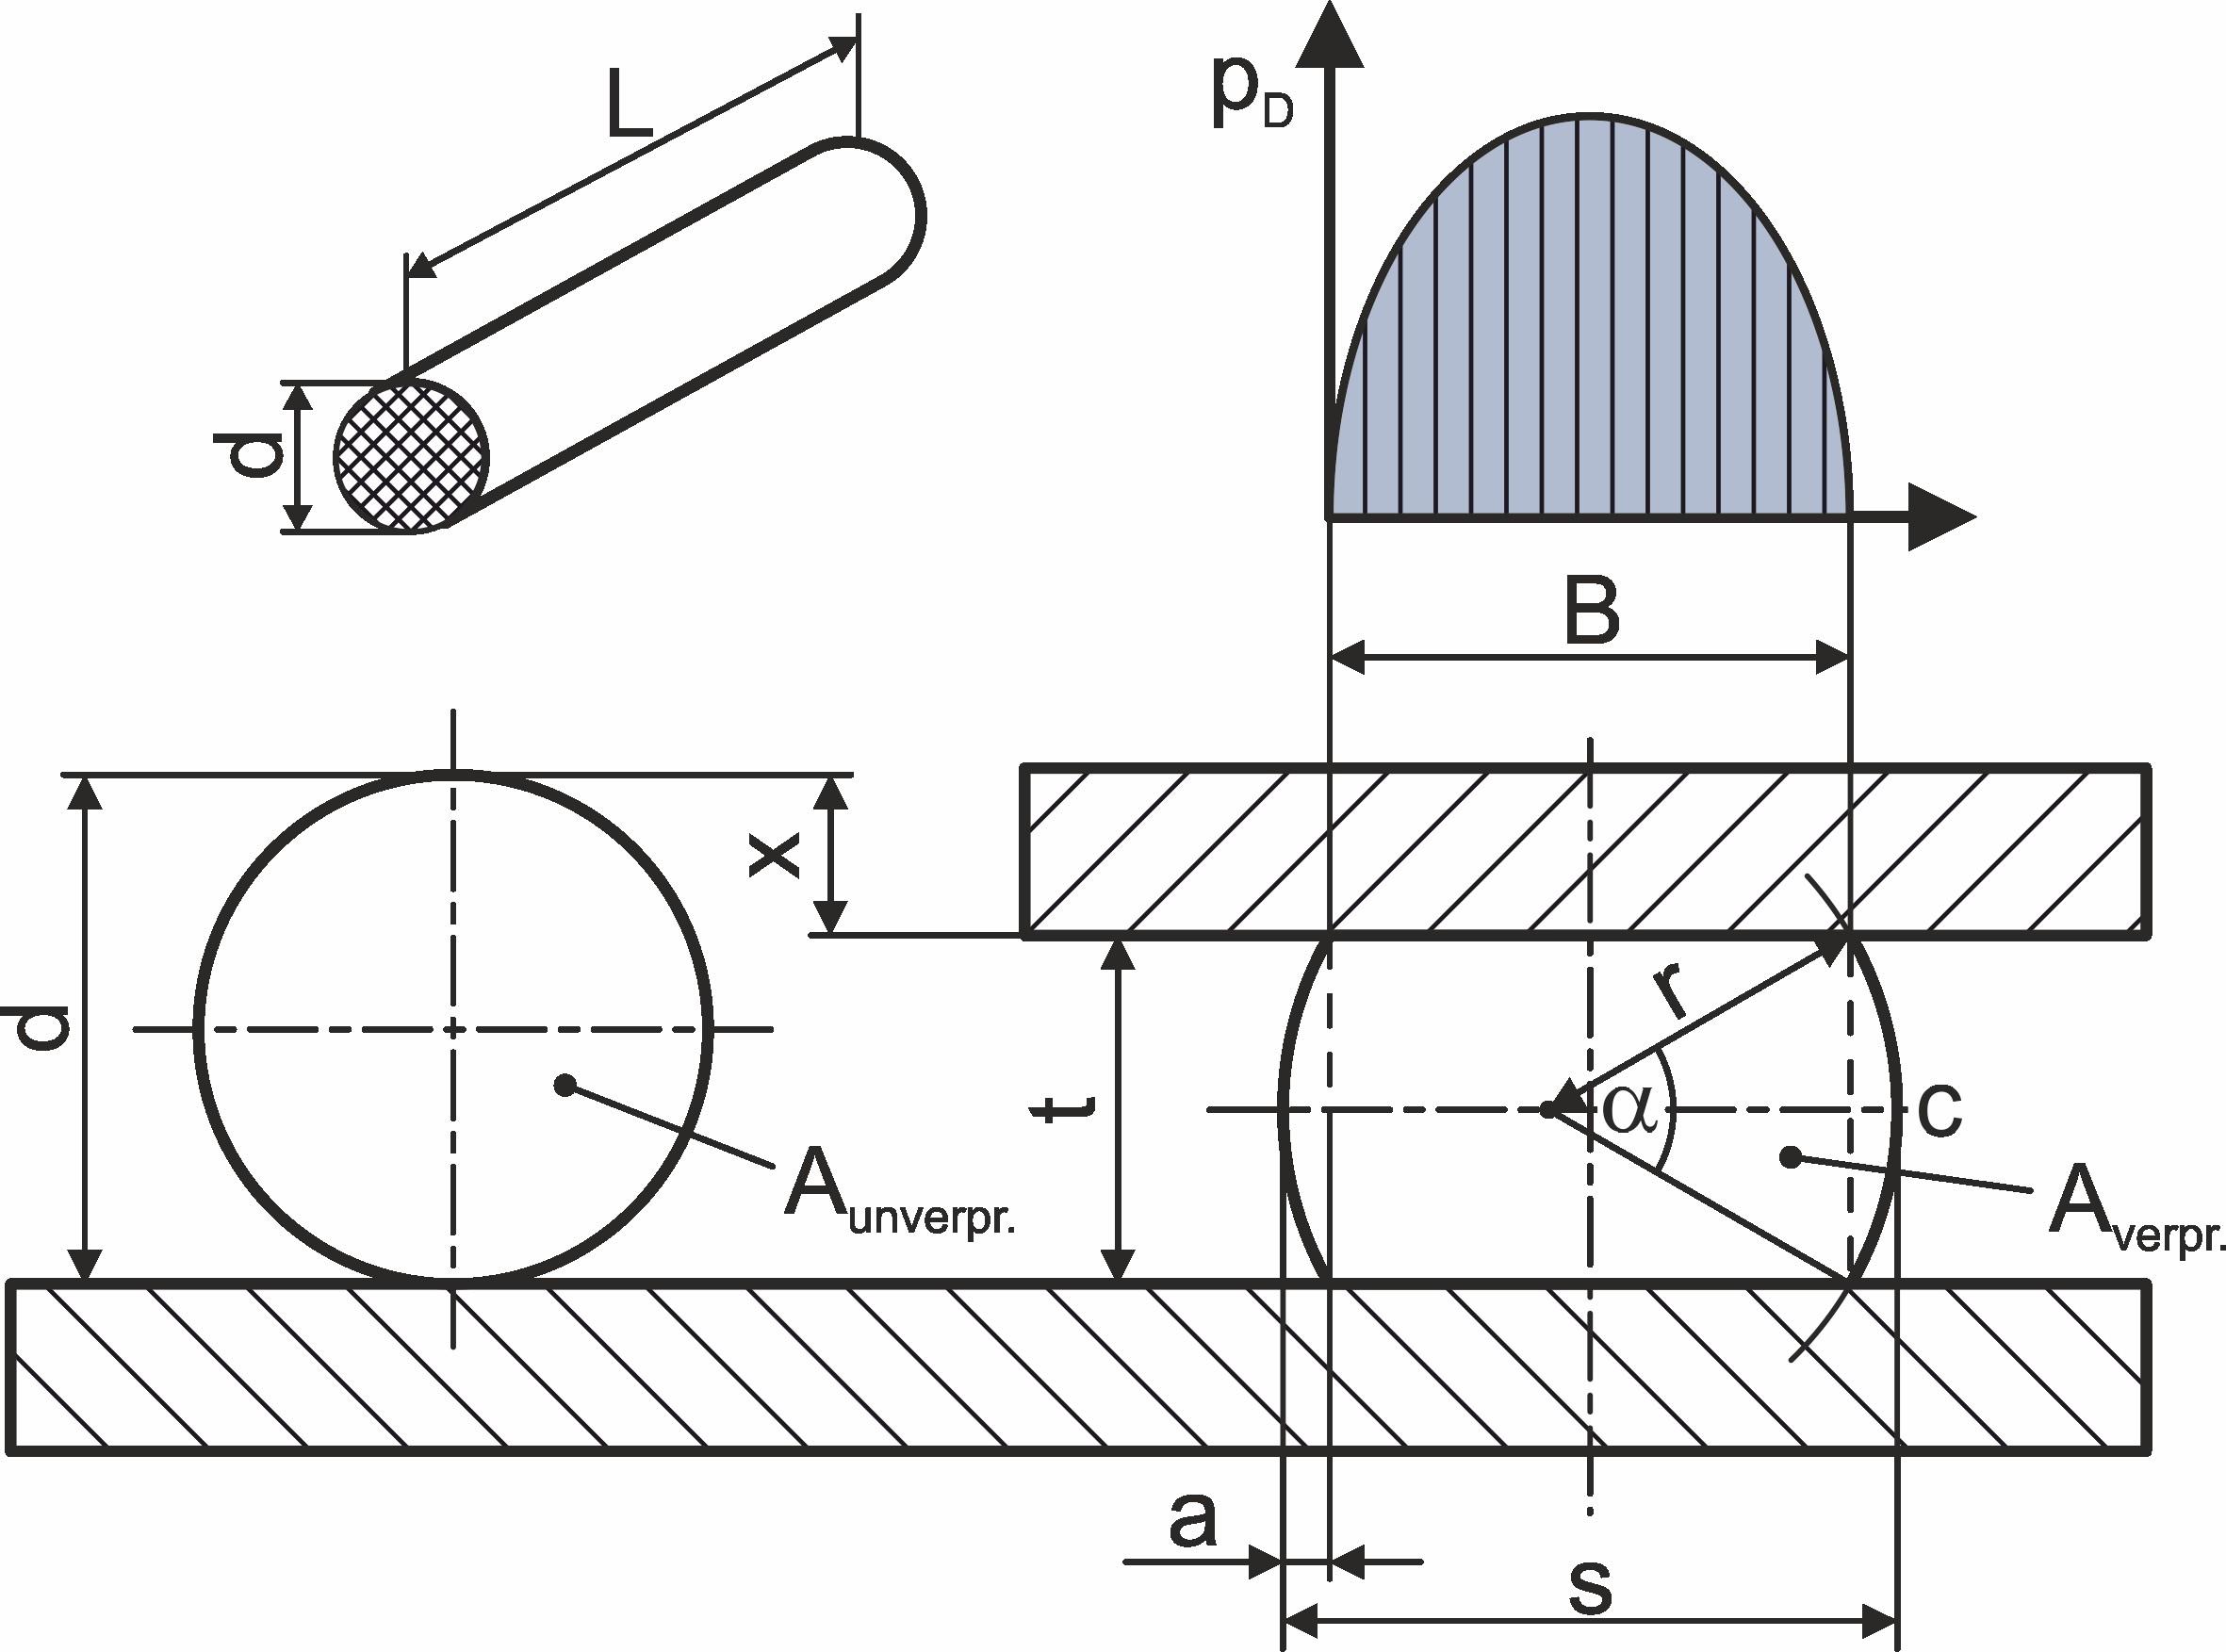 Bild 2 O-Ring im unverpressten (l.) und verpressten (r.) Zustand. Bild: Verfasser